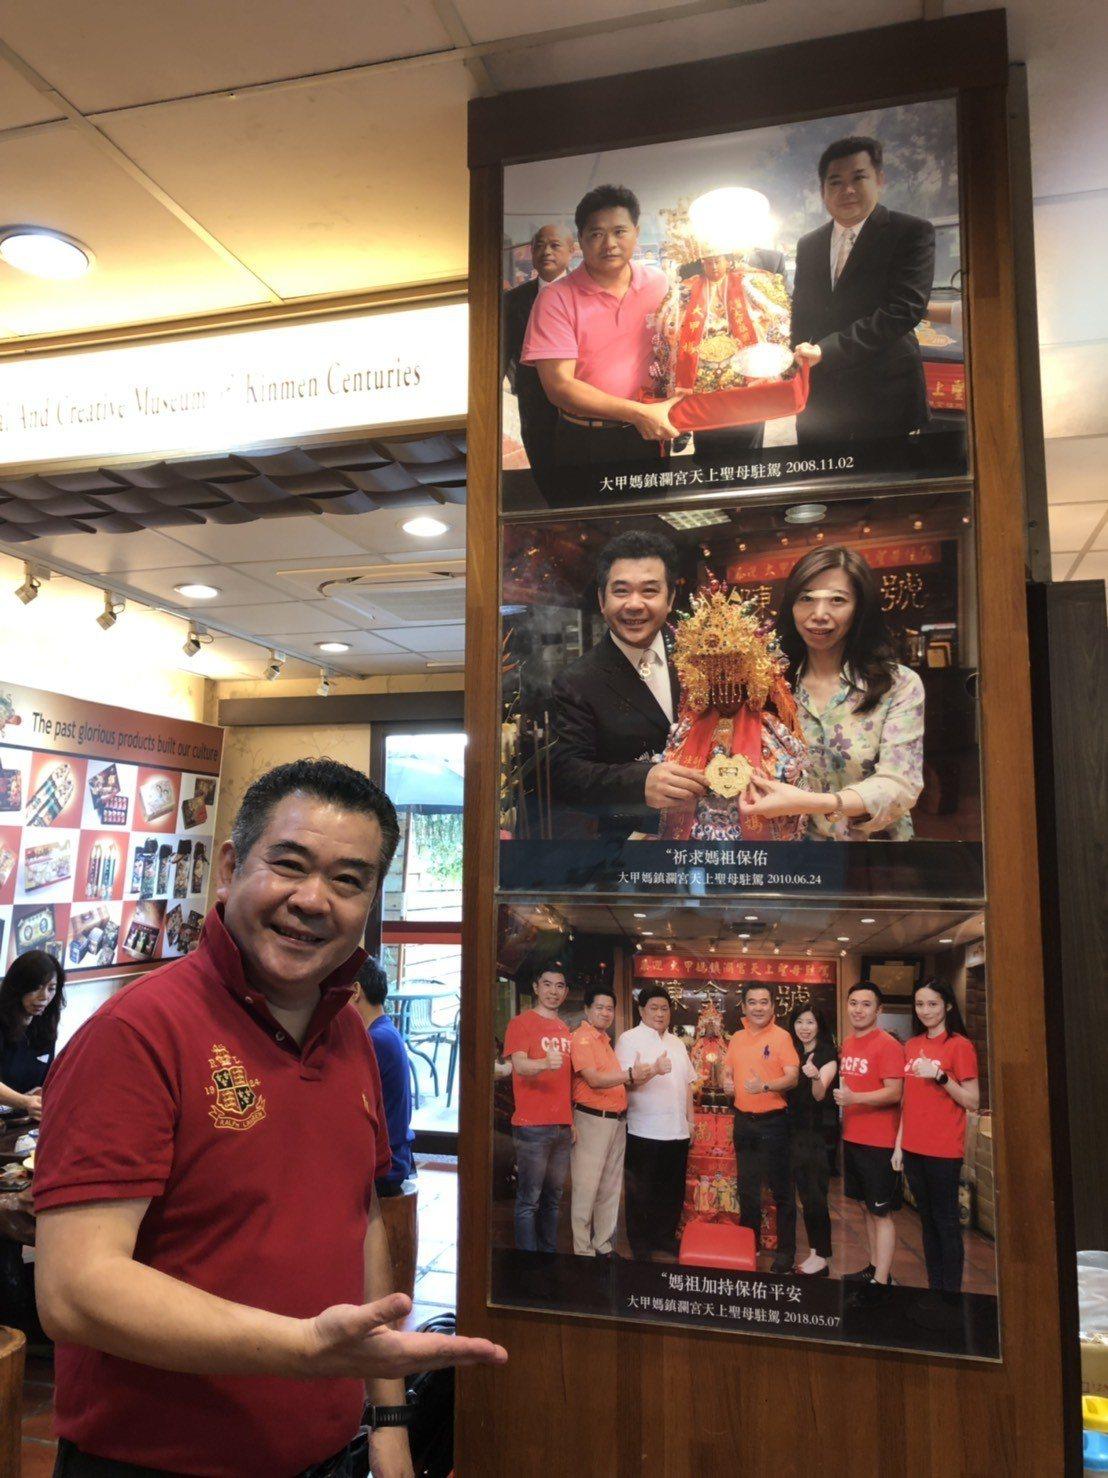 陳金福貢糖店的老闆指著牆上的相片細數跟大甲媽祖的三次結緣,大甲媽祖的分靈金身都進...